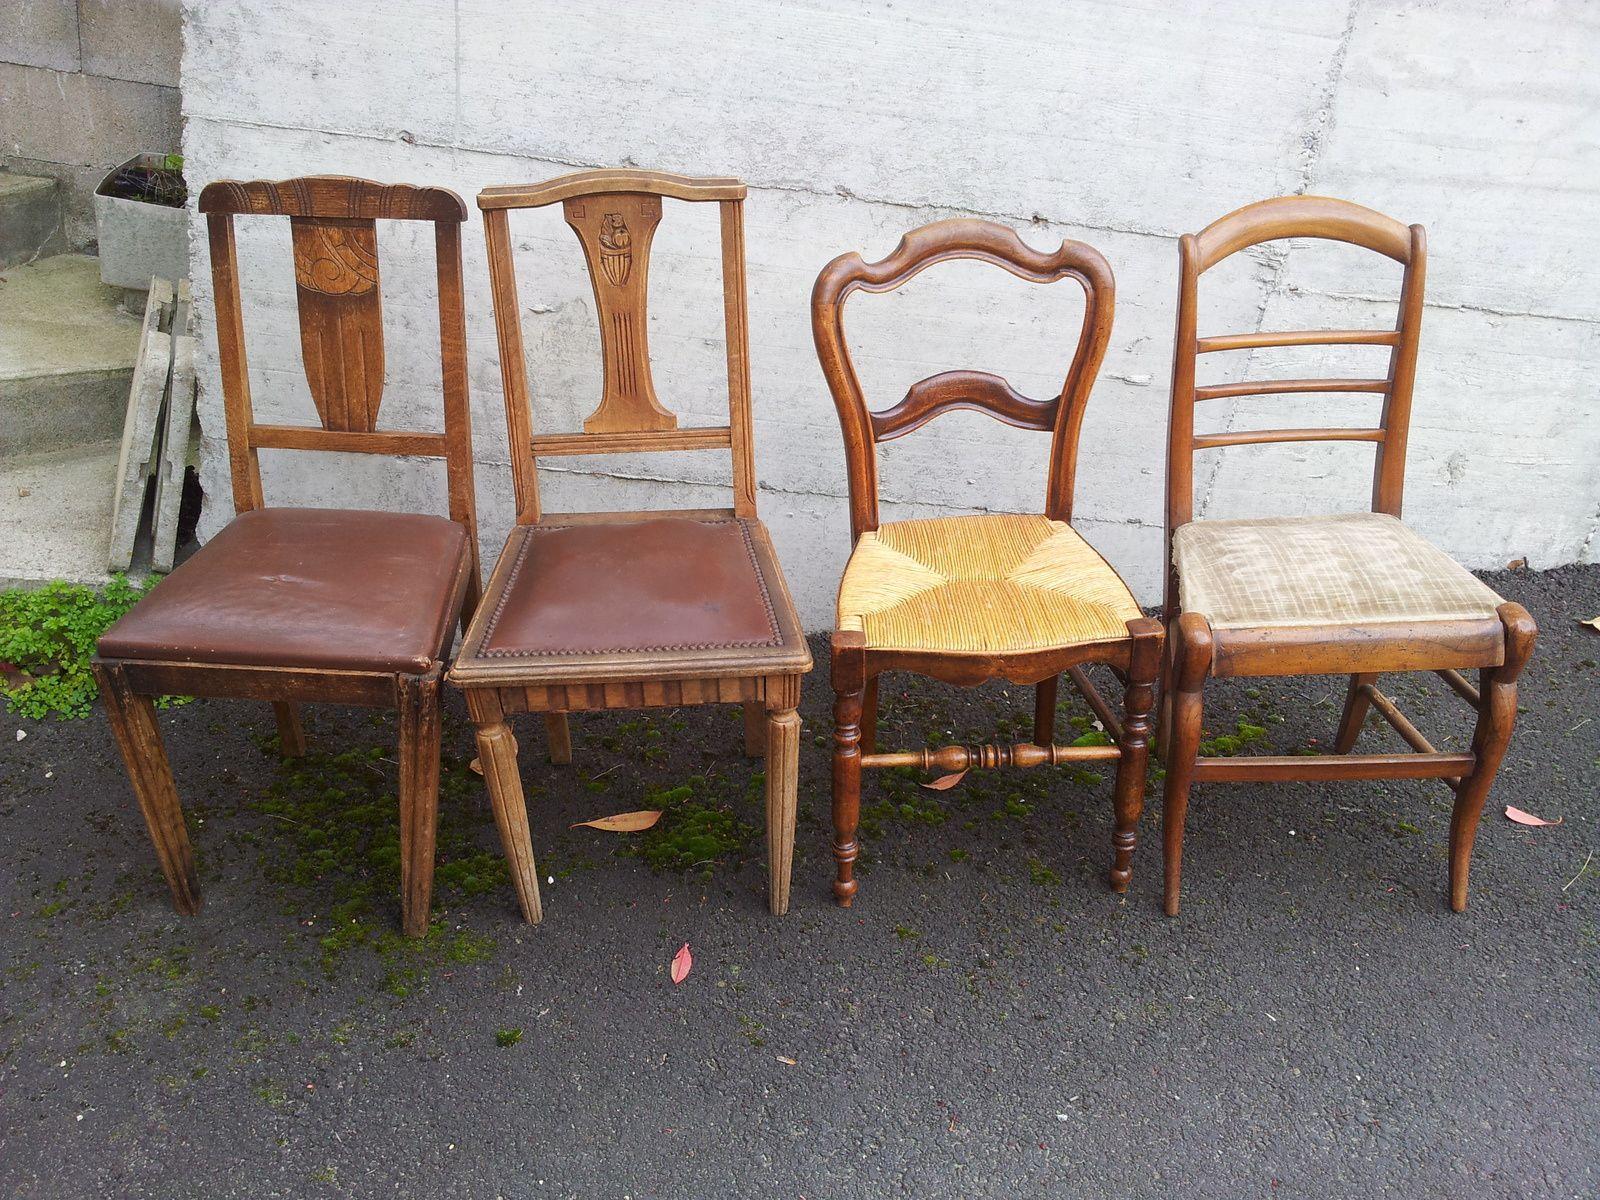 ESPACE BROCANTE chaises fauteuils voltaire crapaud store californien cintré Arabesque la décoration sur Mesure TAPISSIER DECORATEUR